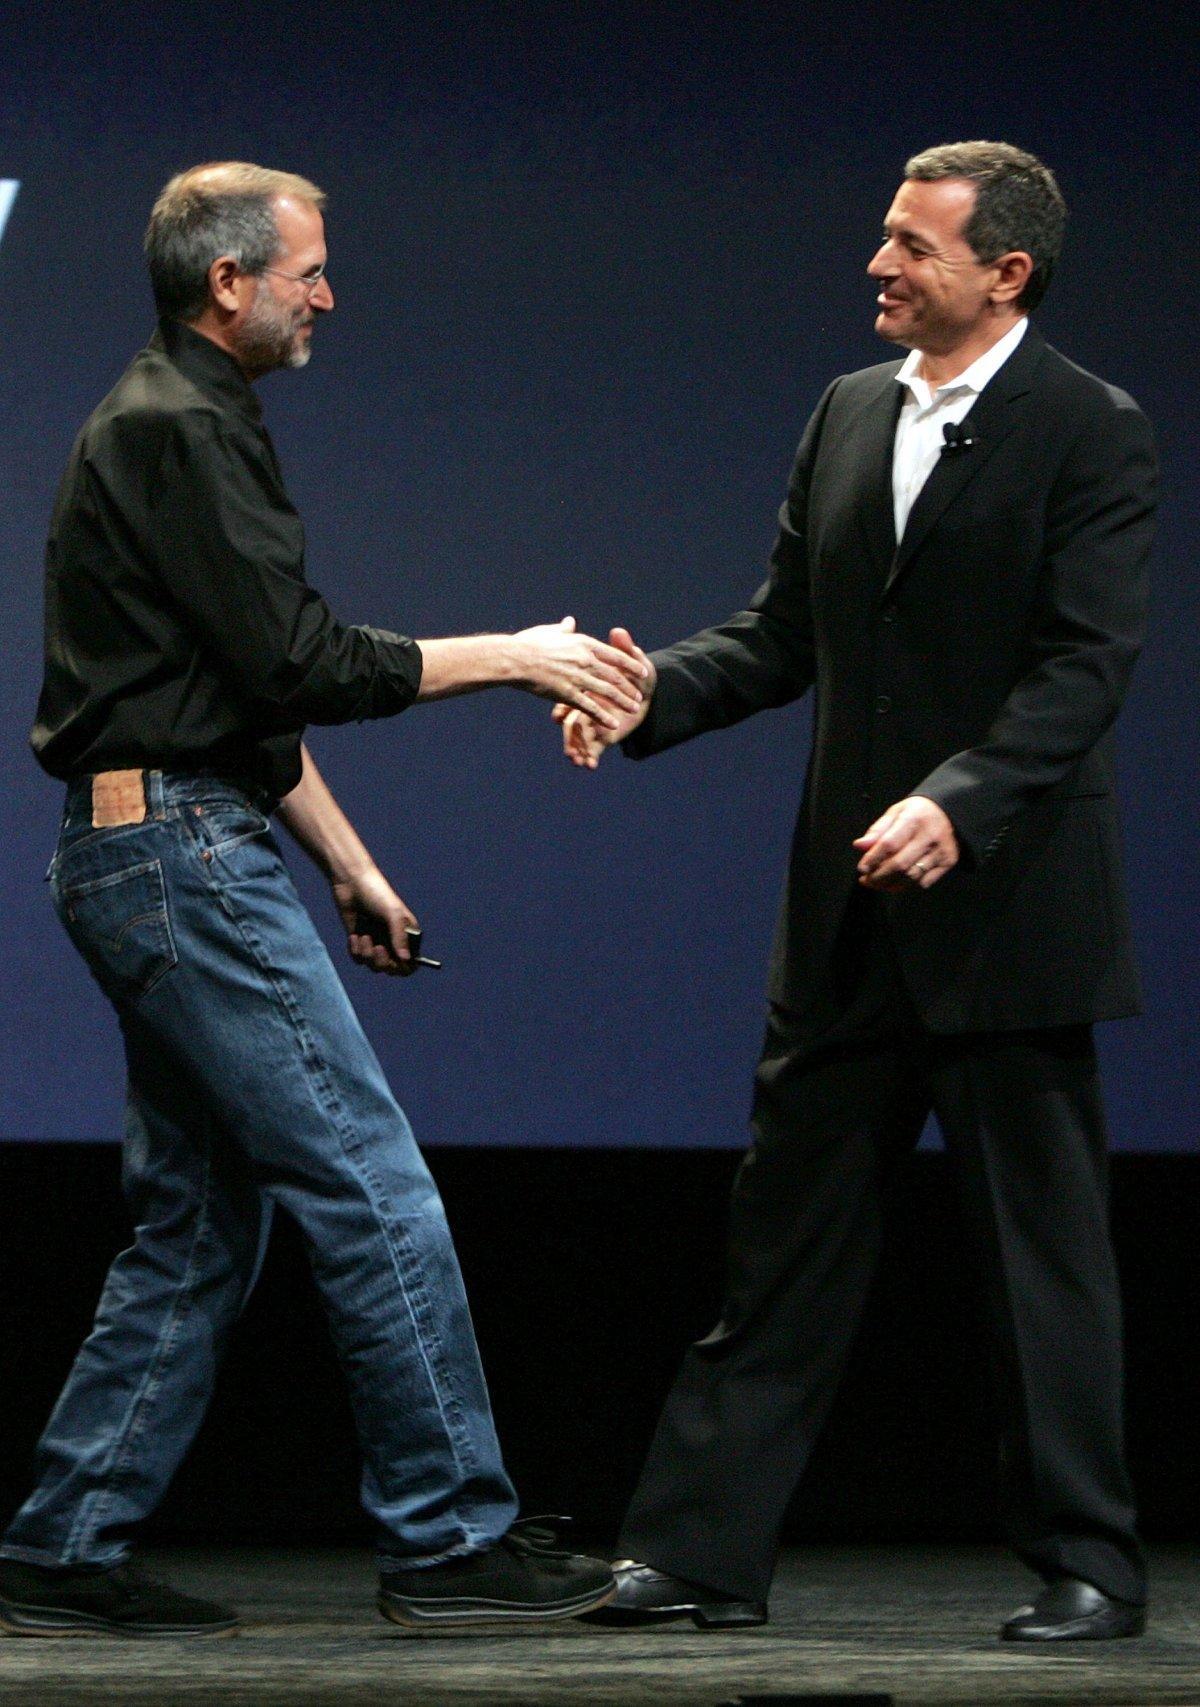 Batmak Üzere Olan Şirketi Dünyanın Hakimi Haline Getiren Bir Deha: Ölümünün 6. Yılında Steve Jobs 3